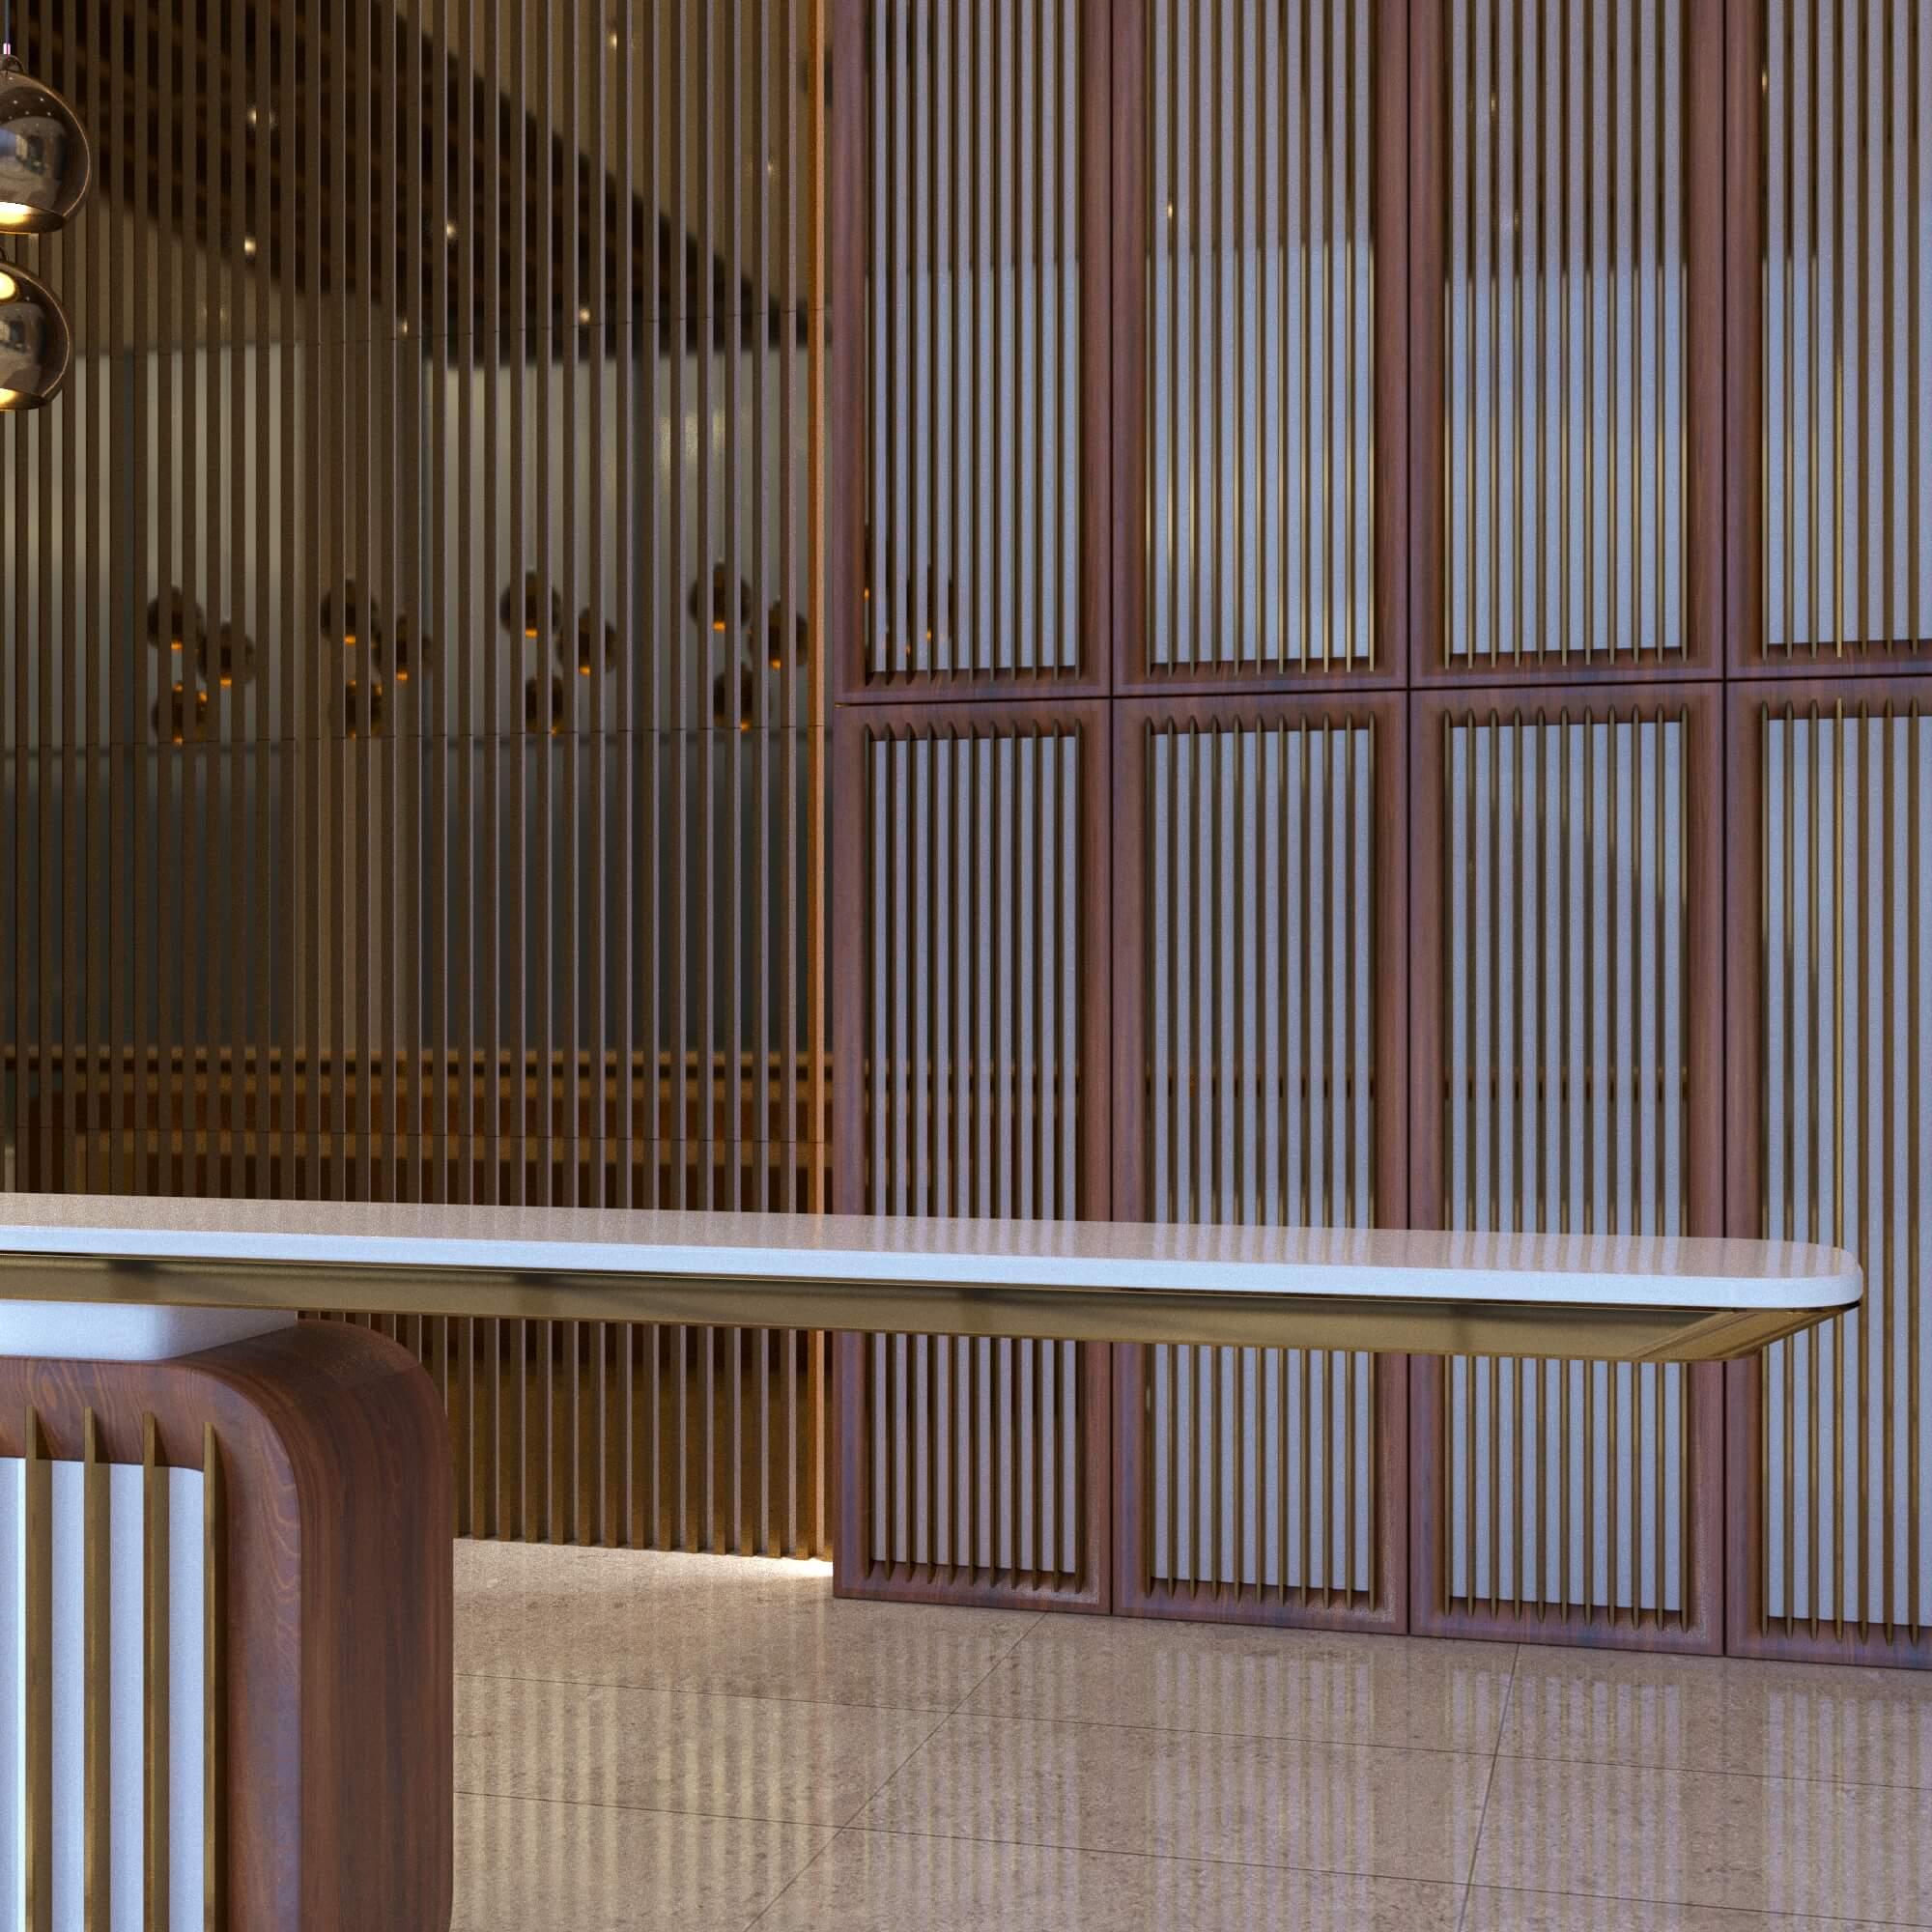 Дизайн вестибюля в необычном стиле современного минимализма. В проекте использованы в качестве отделки натуральный камень, шпон, металические рейки, рейки из натурально камня.